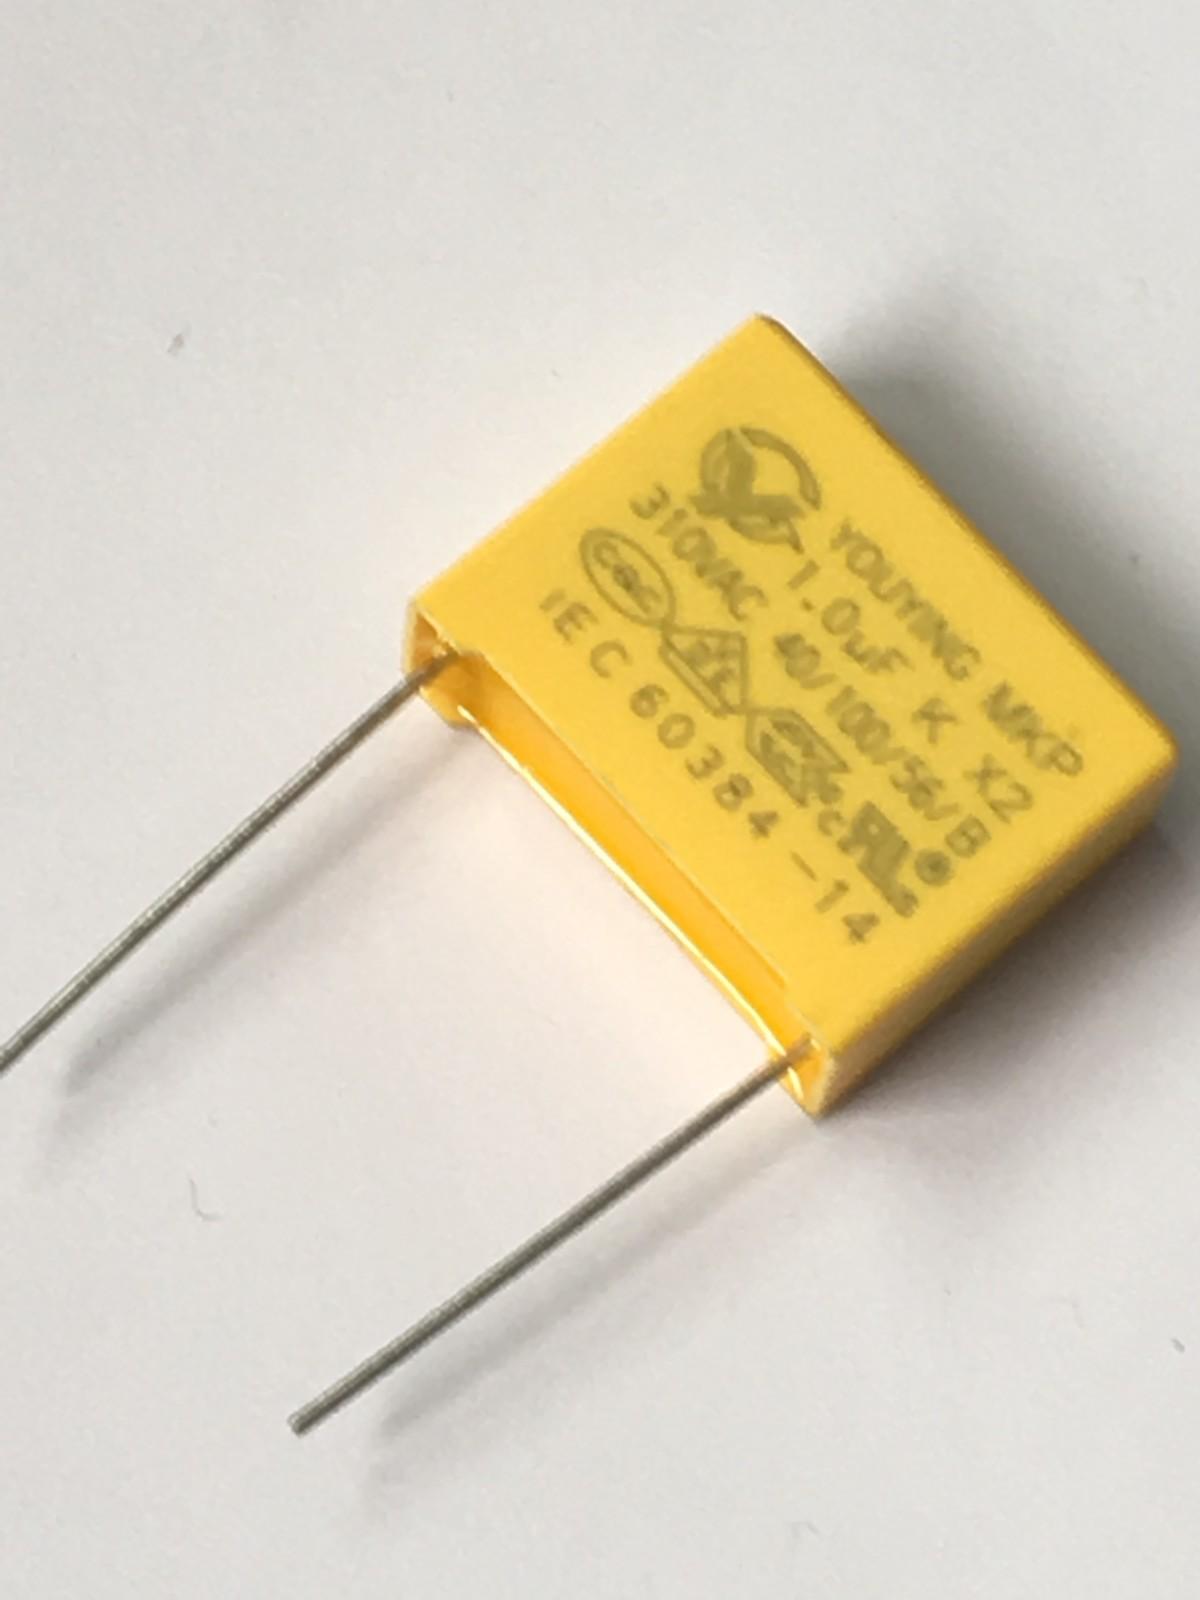 阻容降压专用X2安规电容 104K安规电容 额定电压 310V